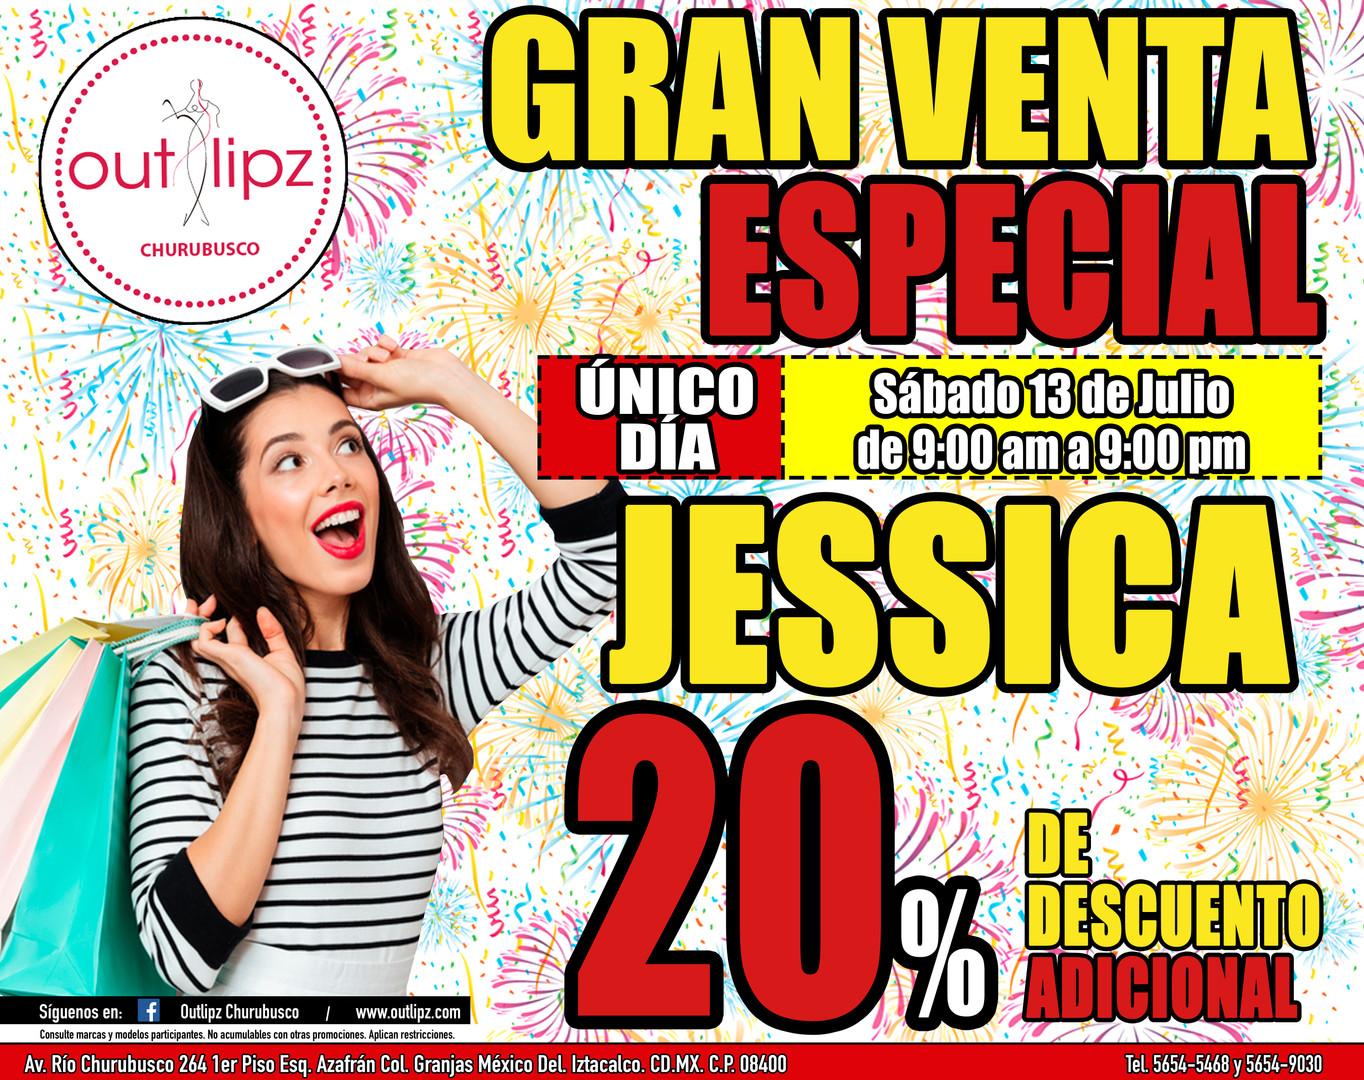 GVE 2 Jessica.jpg